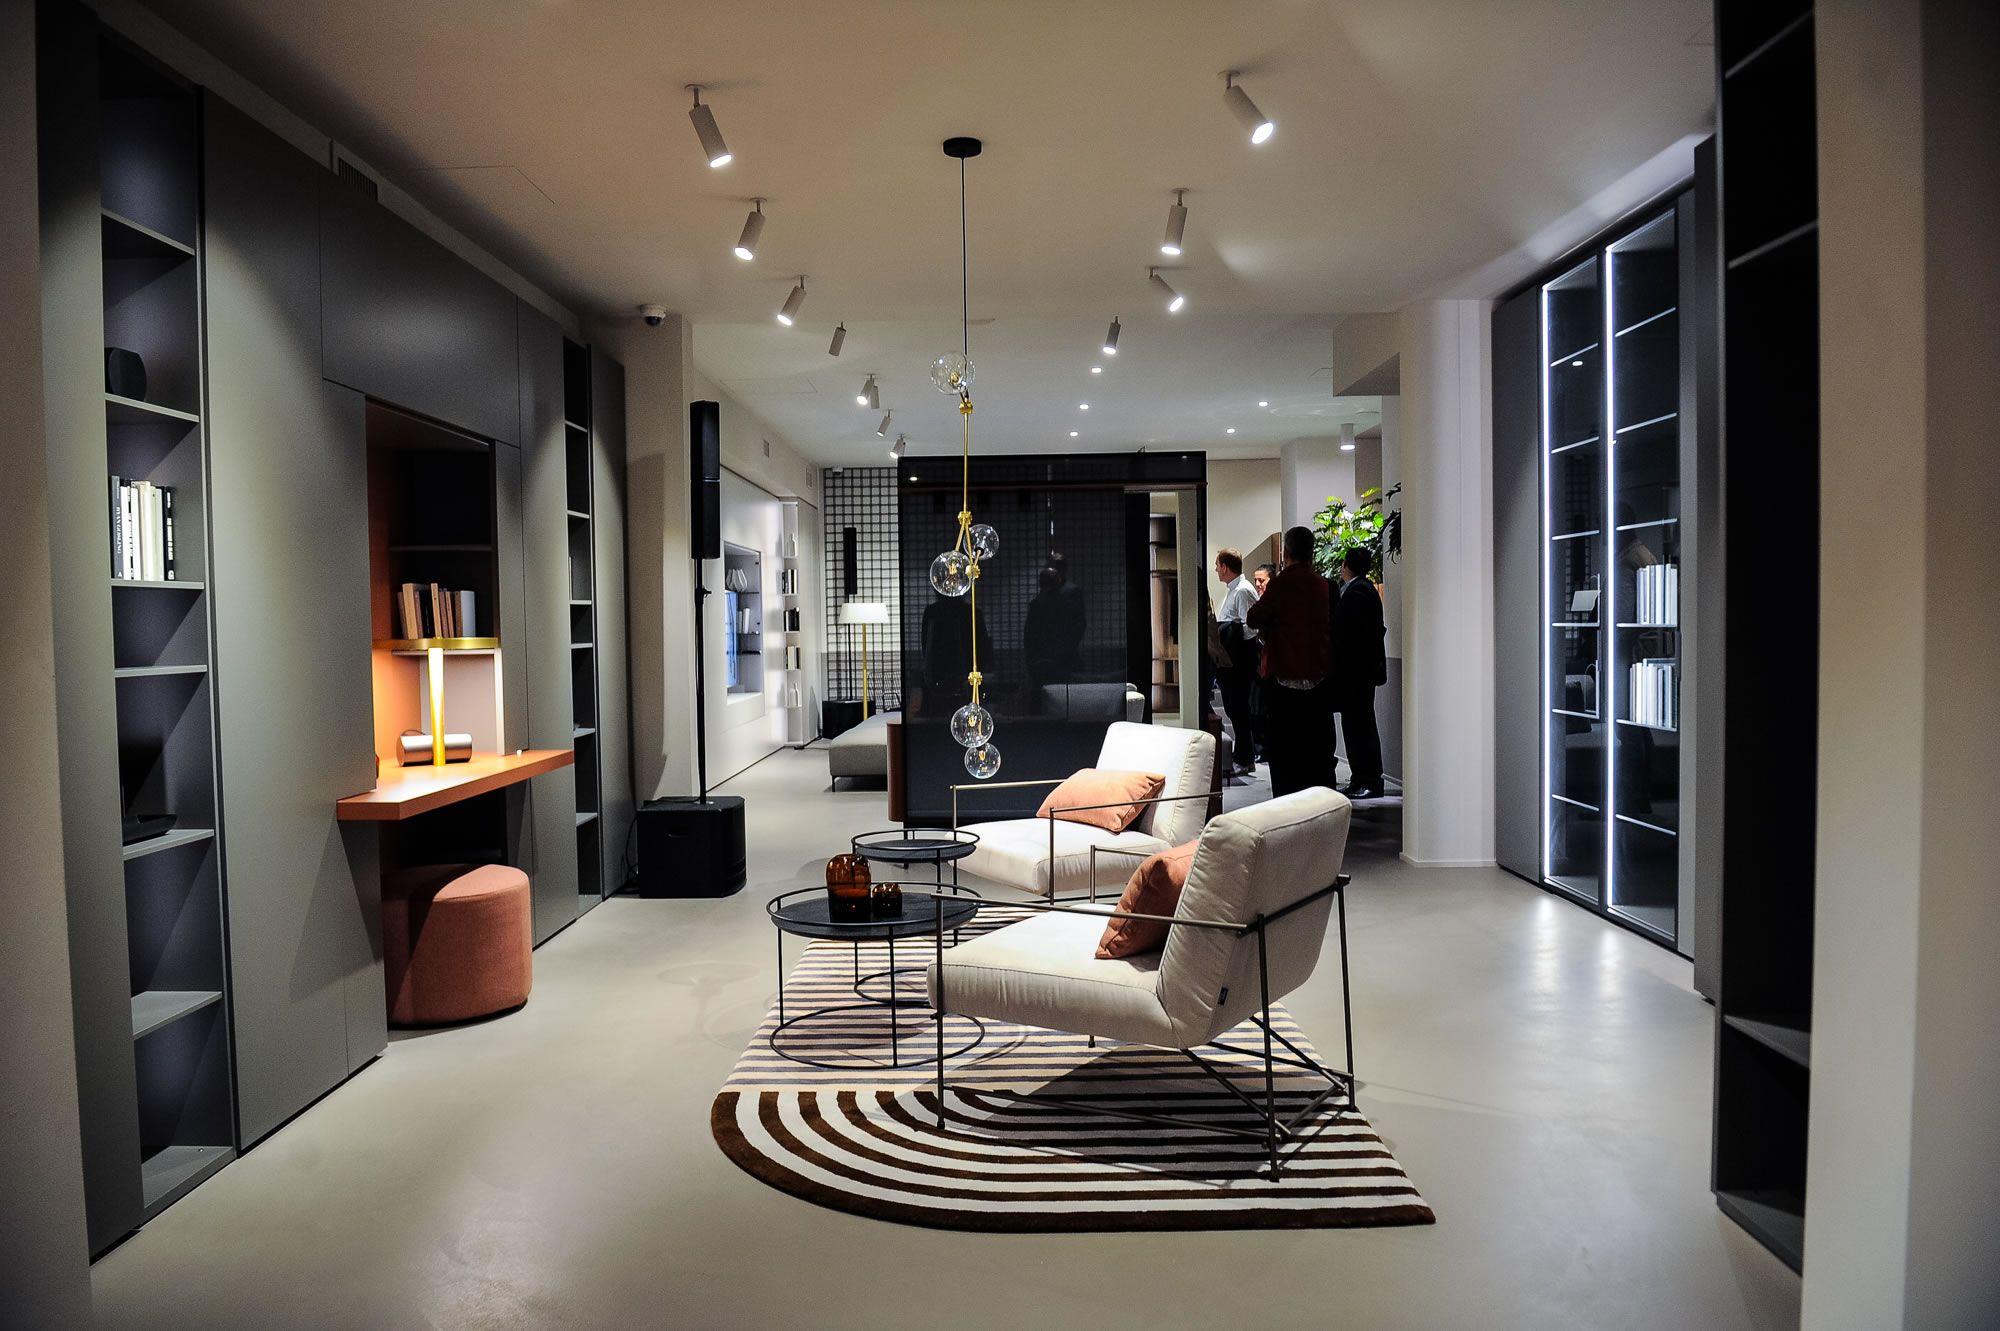 siti di incontri milano flooring